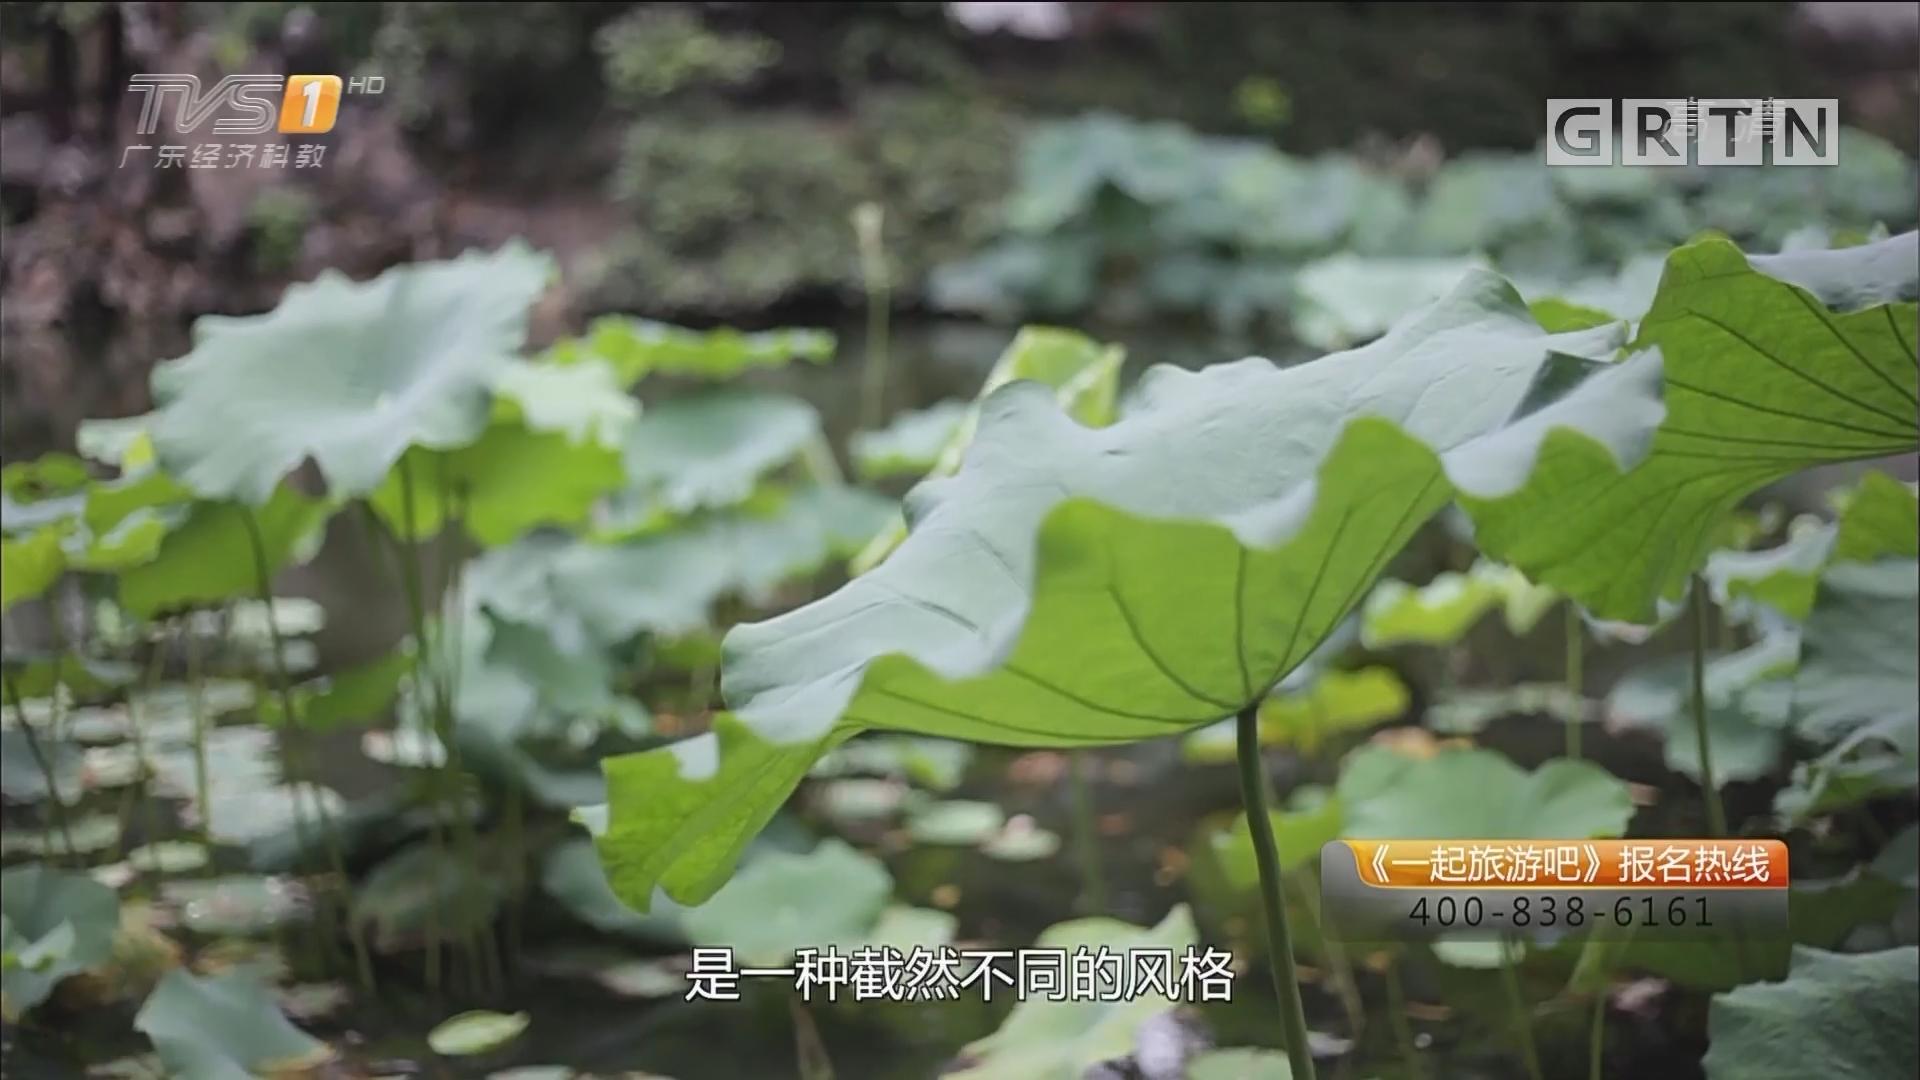 江苏苏州——留园